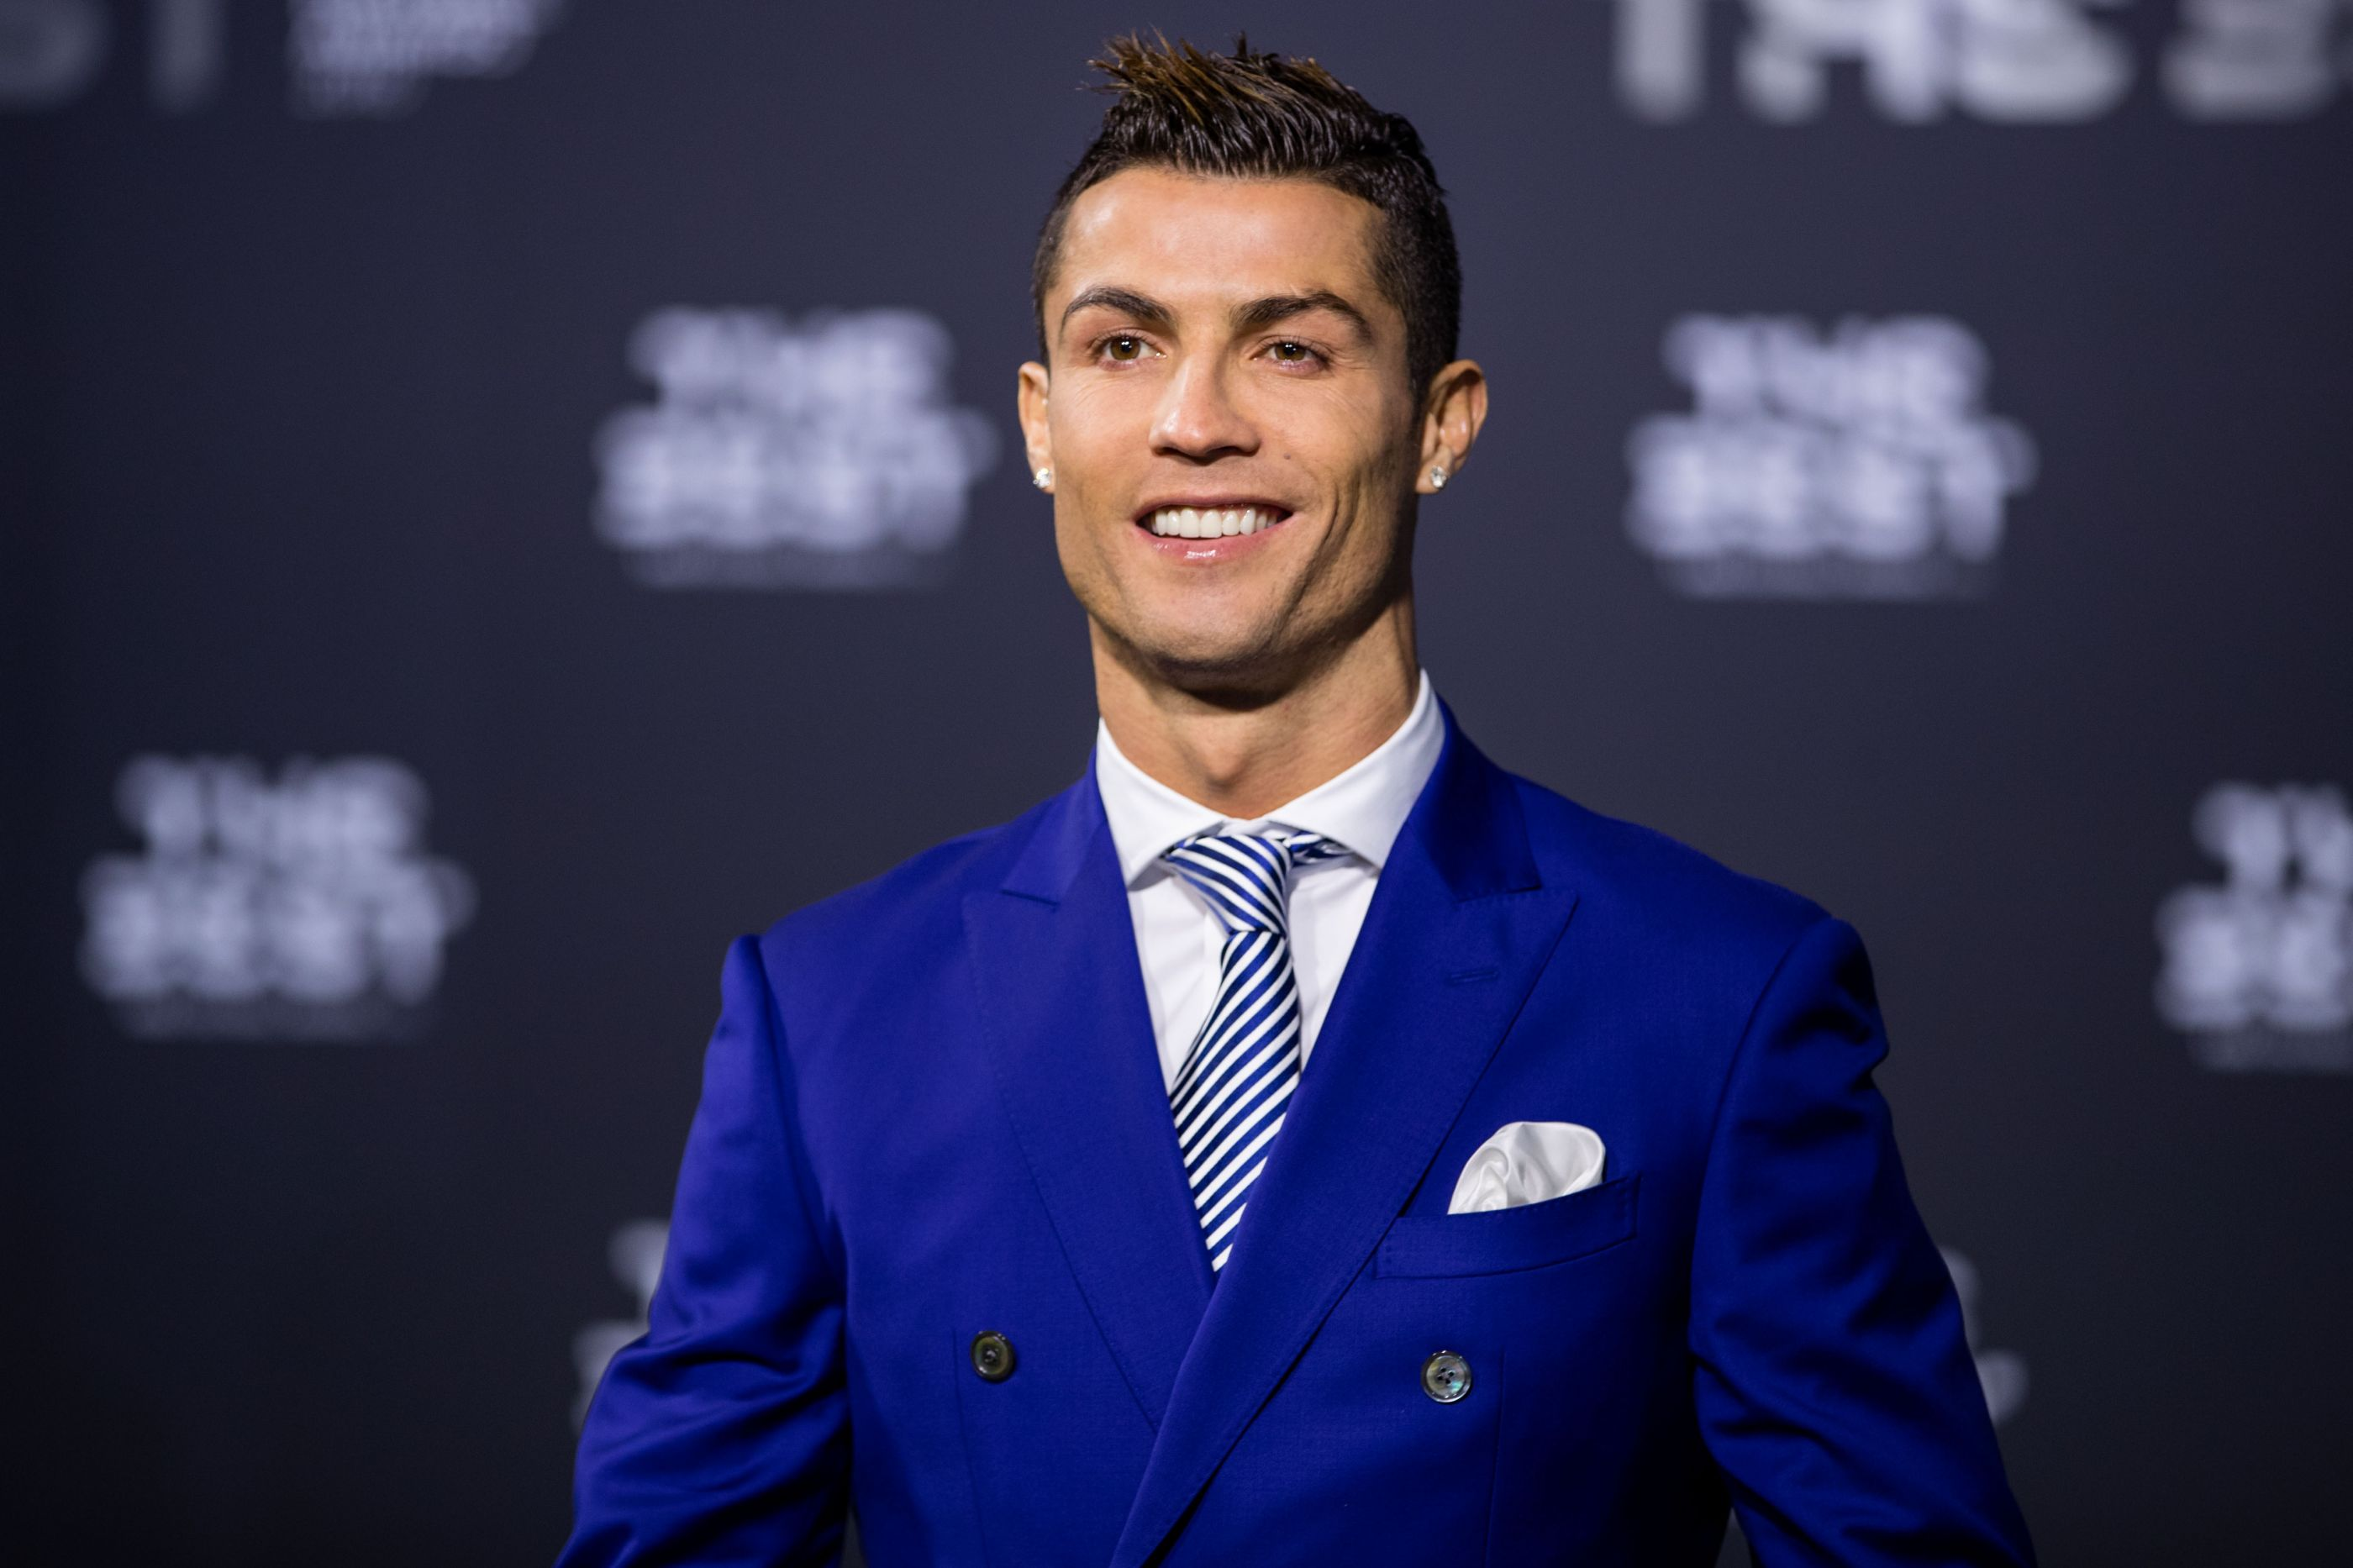 Lesão no pulso obriga Cristiano Ronaldo a parar o carro